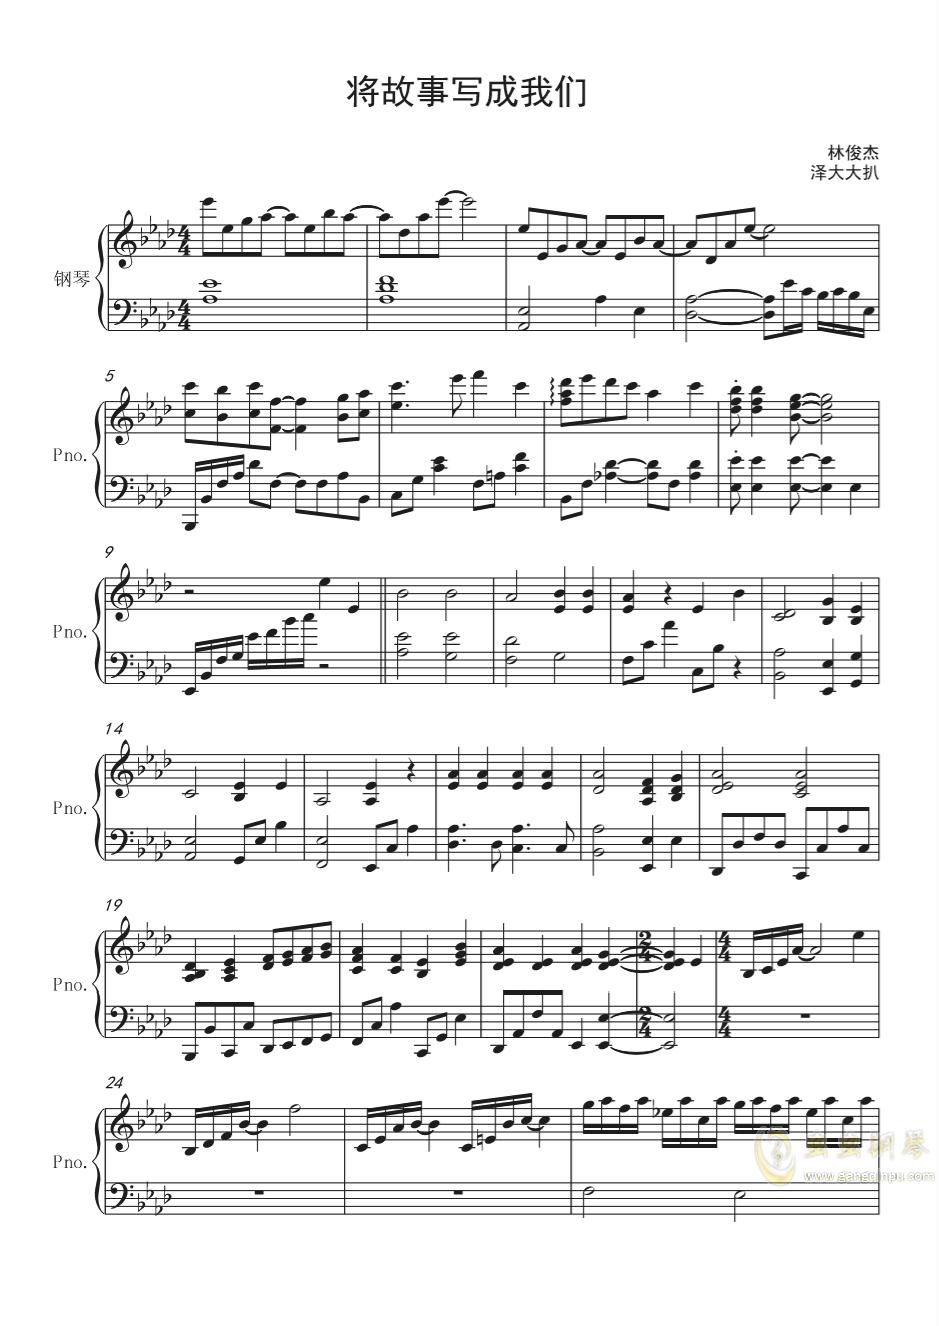 将故事写成我们钢琴谱 第1页